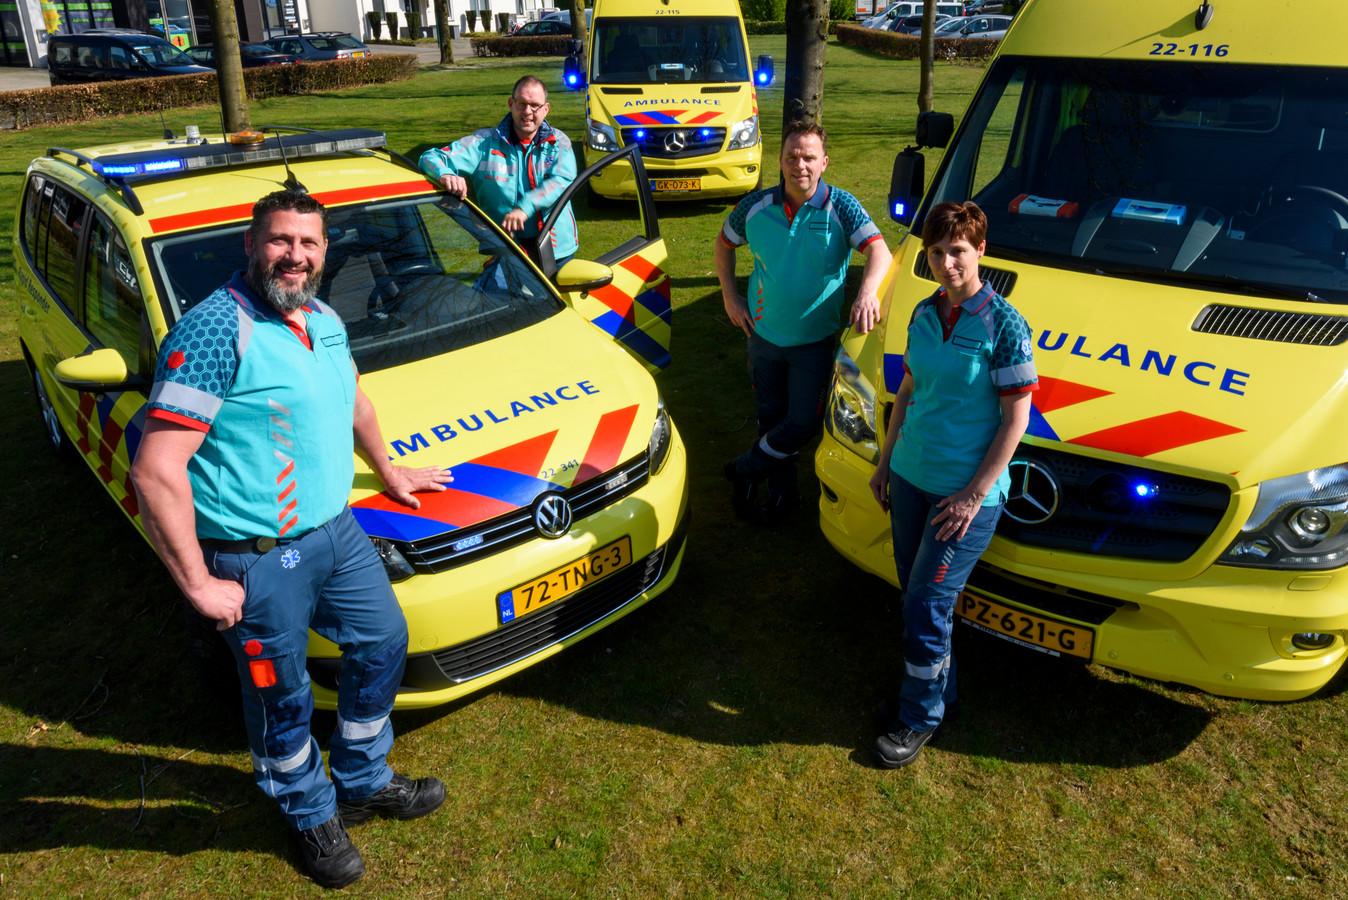 Het Eersels ambulanceteam bestaat naast Mariola Castelijns (rechts) en Jeroen van den Berg (tweede van links) uit Martijn Gerritsen (links) en Hans de Koot.